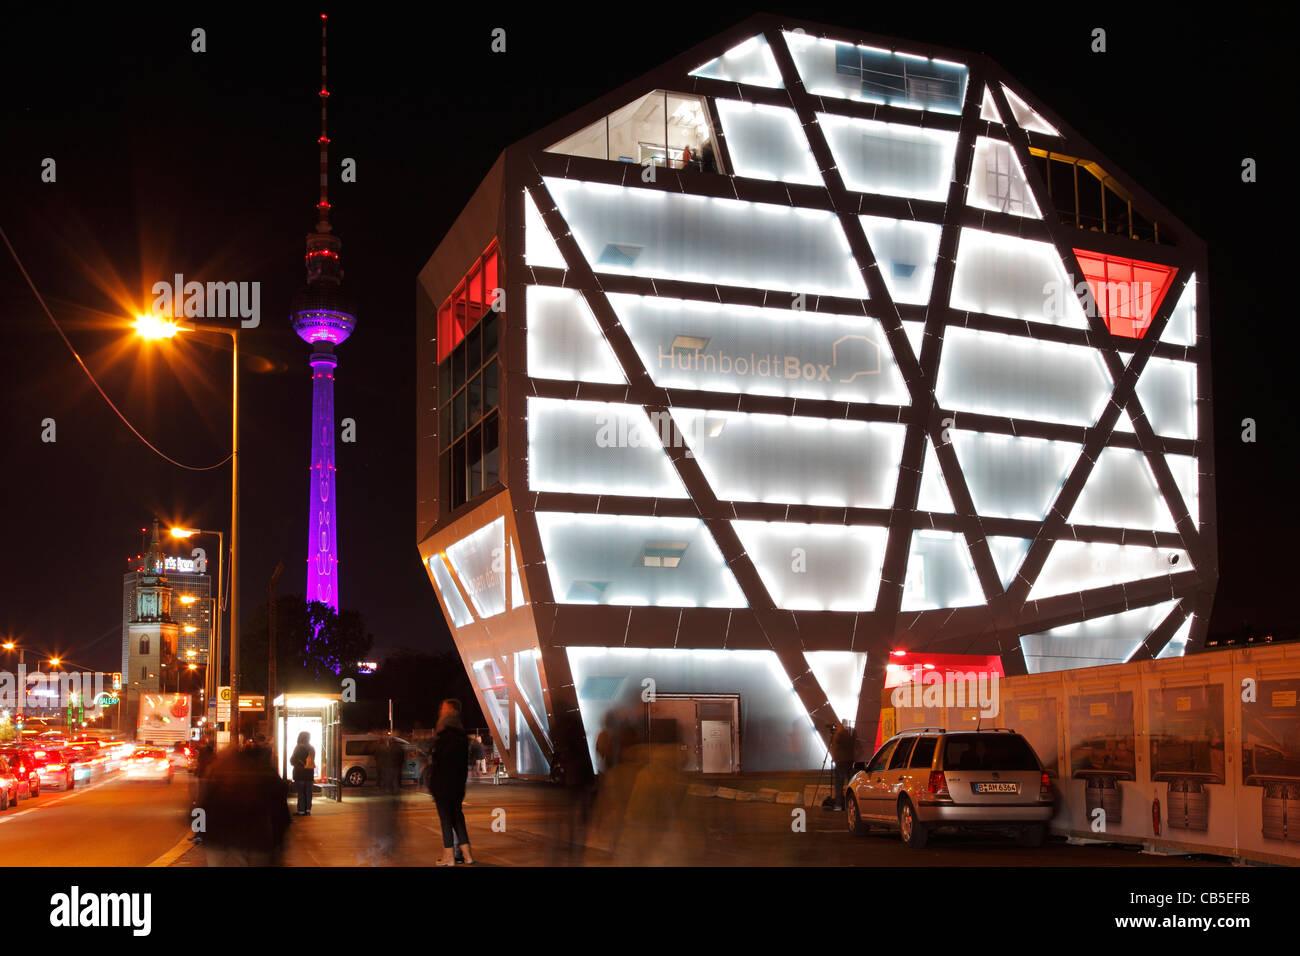 Caixa de Humboldt e torre de televisão em Berlim durante o festival das luzes de 2011 Imagens de Stock